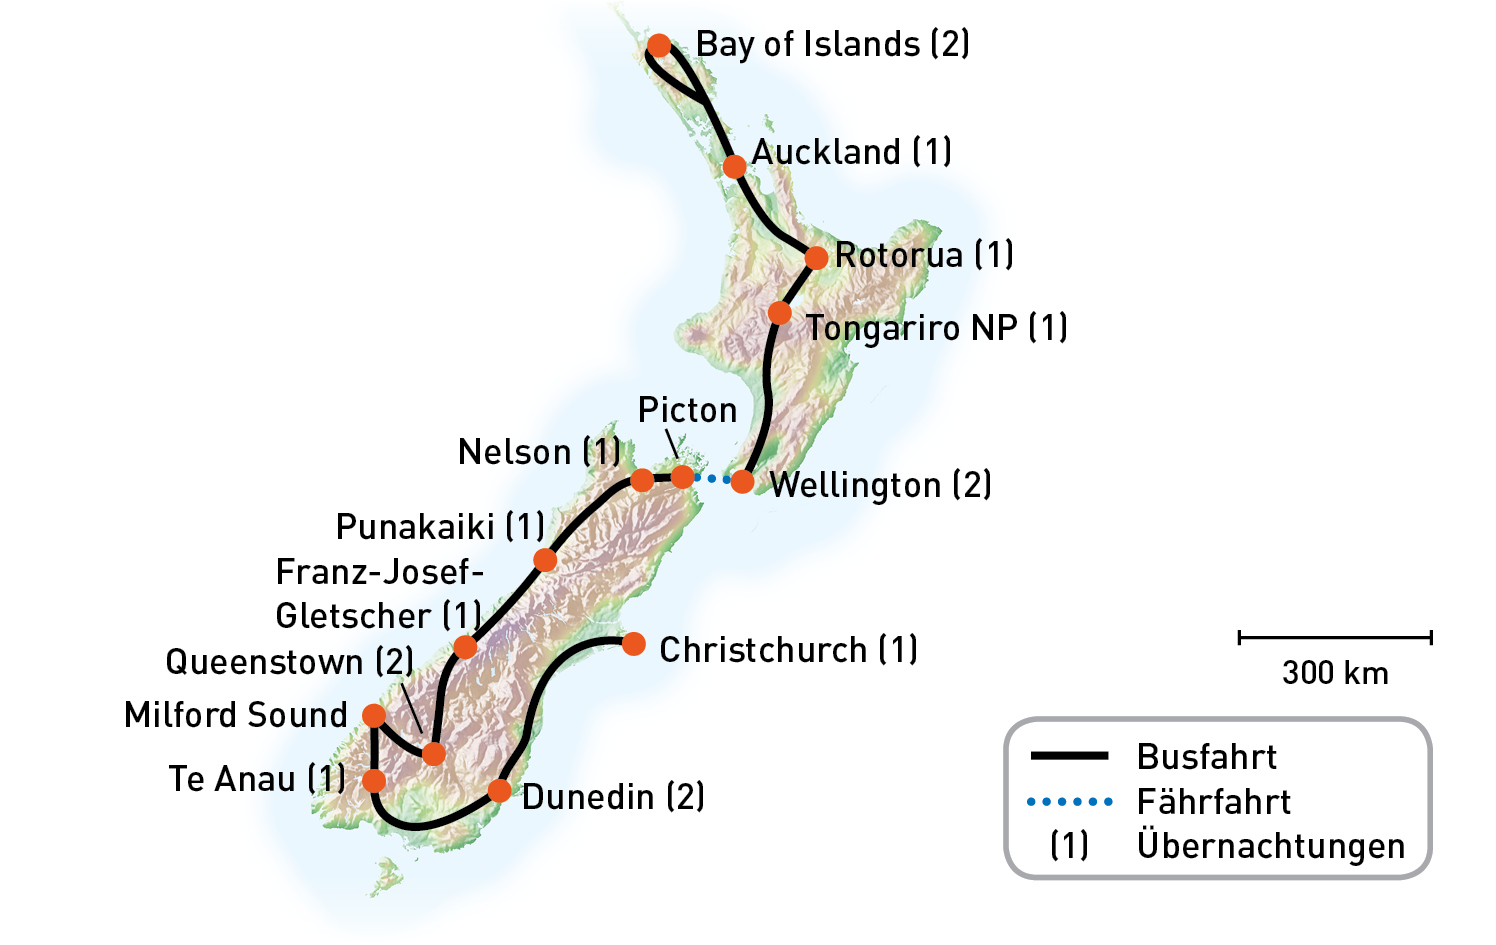 Routenkarte_Neuseeland_FaszinationNeuseeland_KiKa2020_RGB